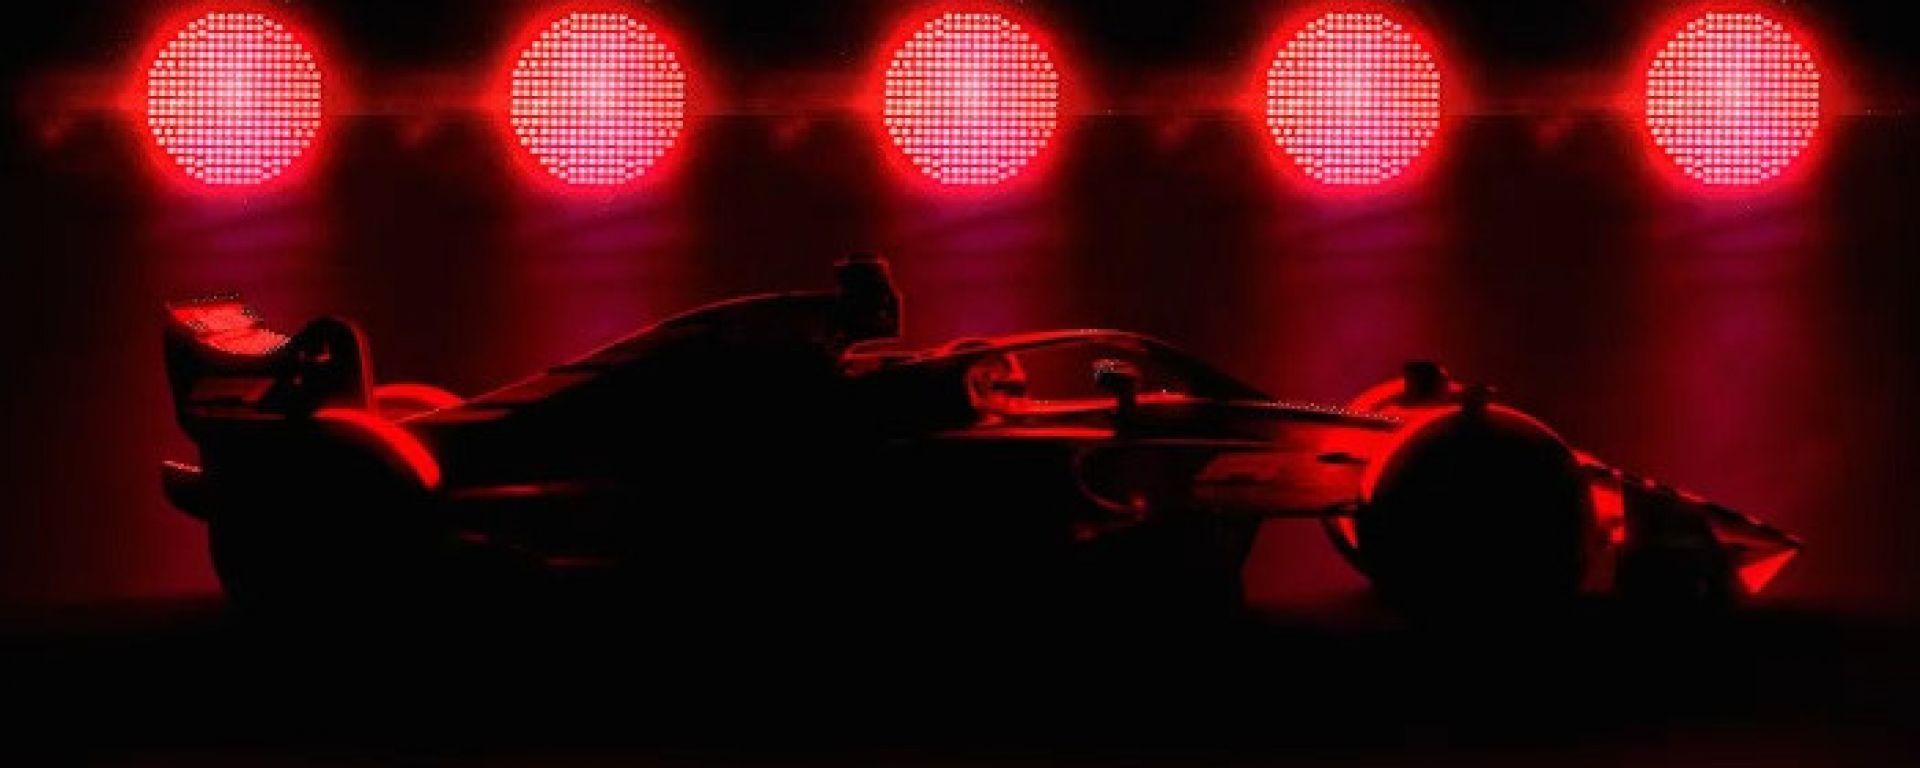 F1, un fotogramma dal teaser sulle macchine 2021